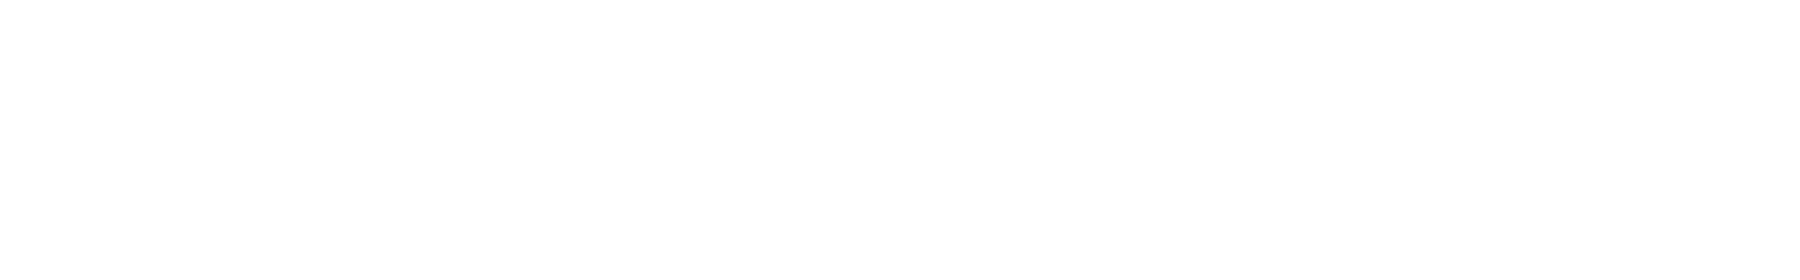 melody 05bpm85keyc